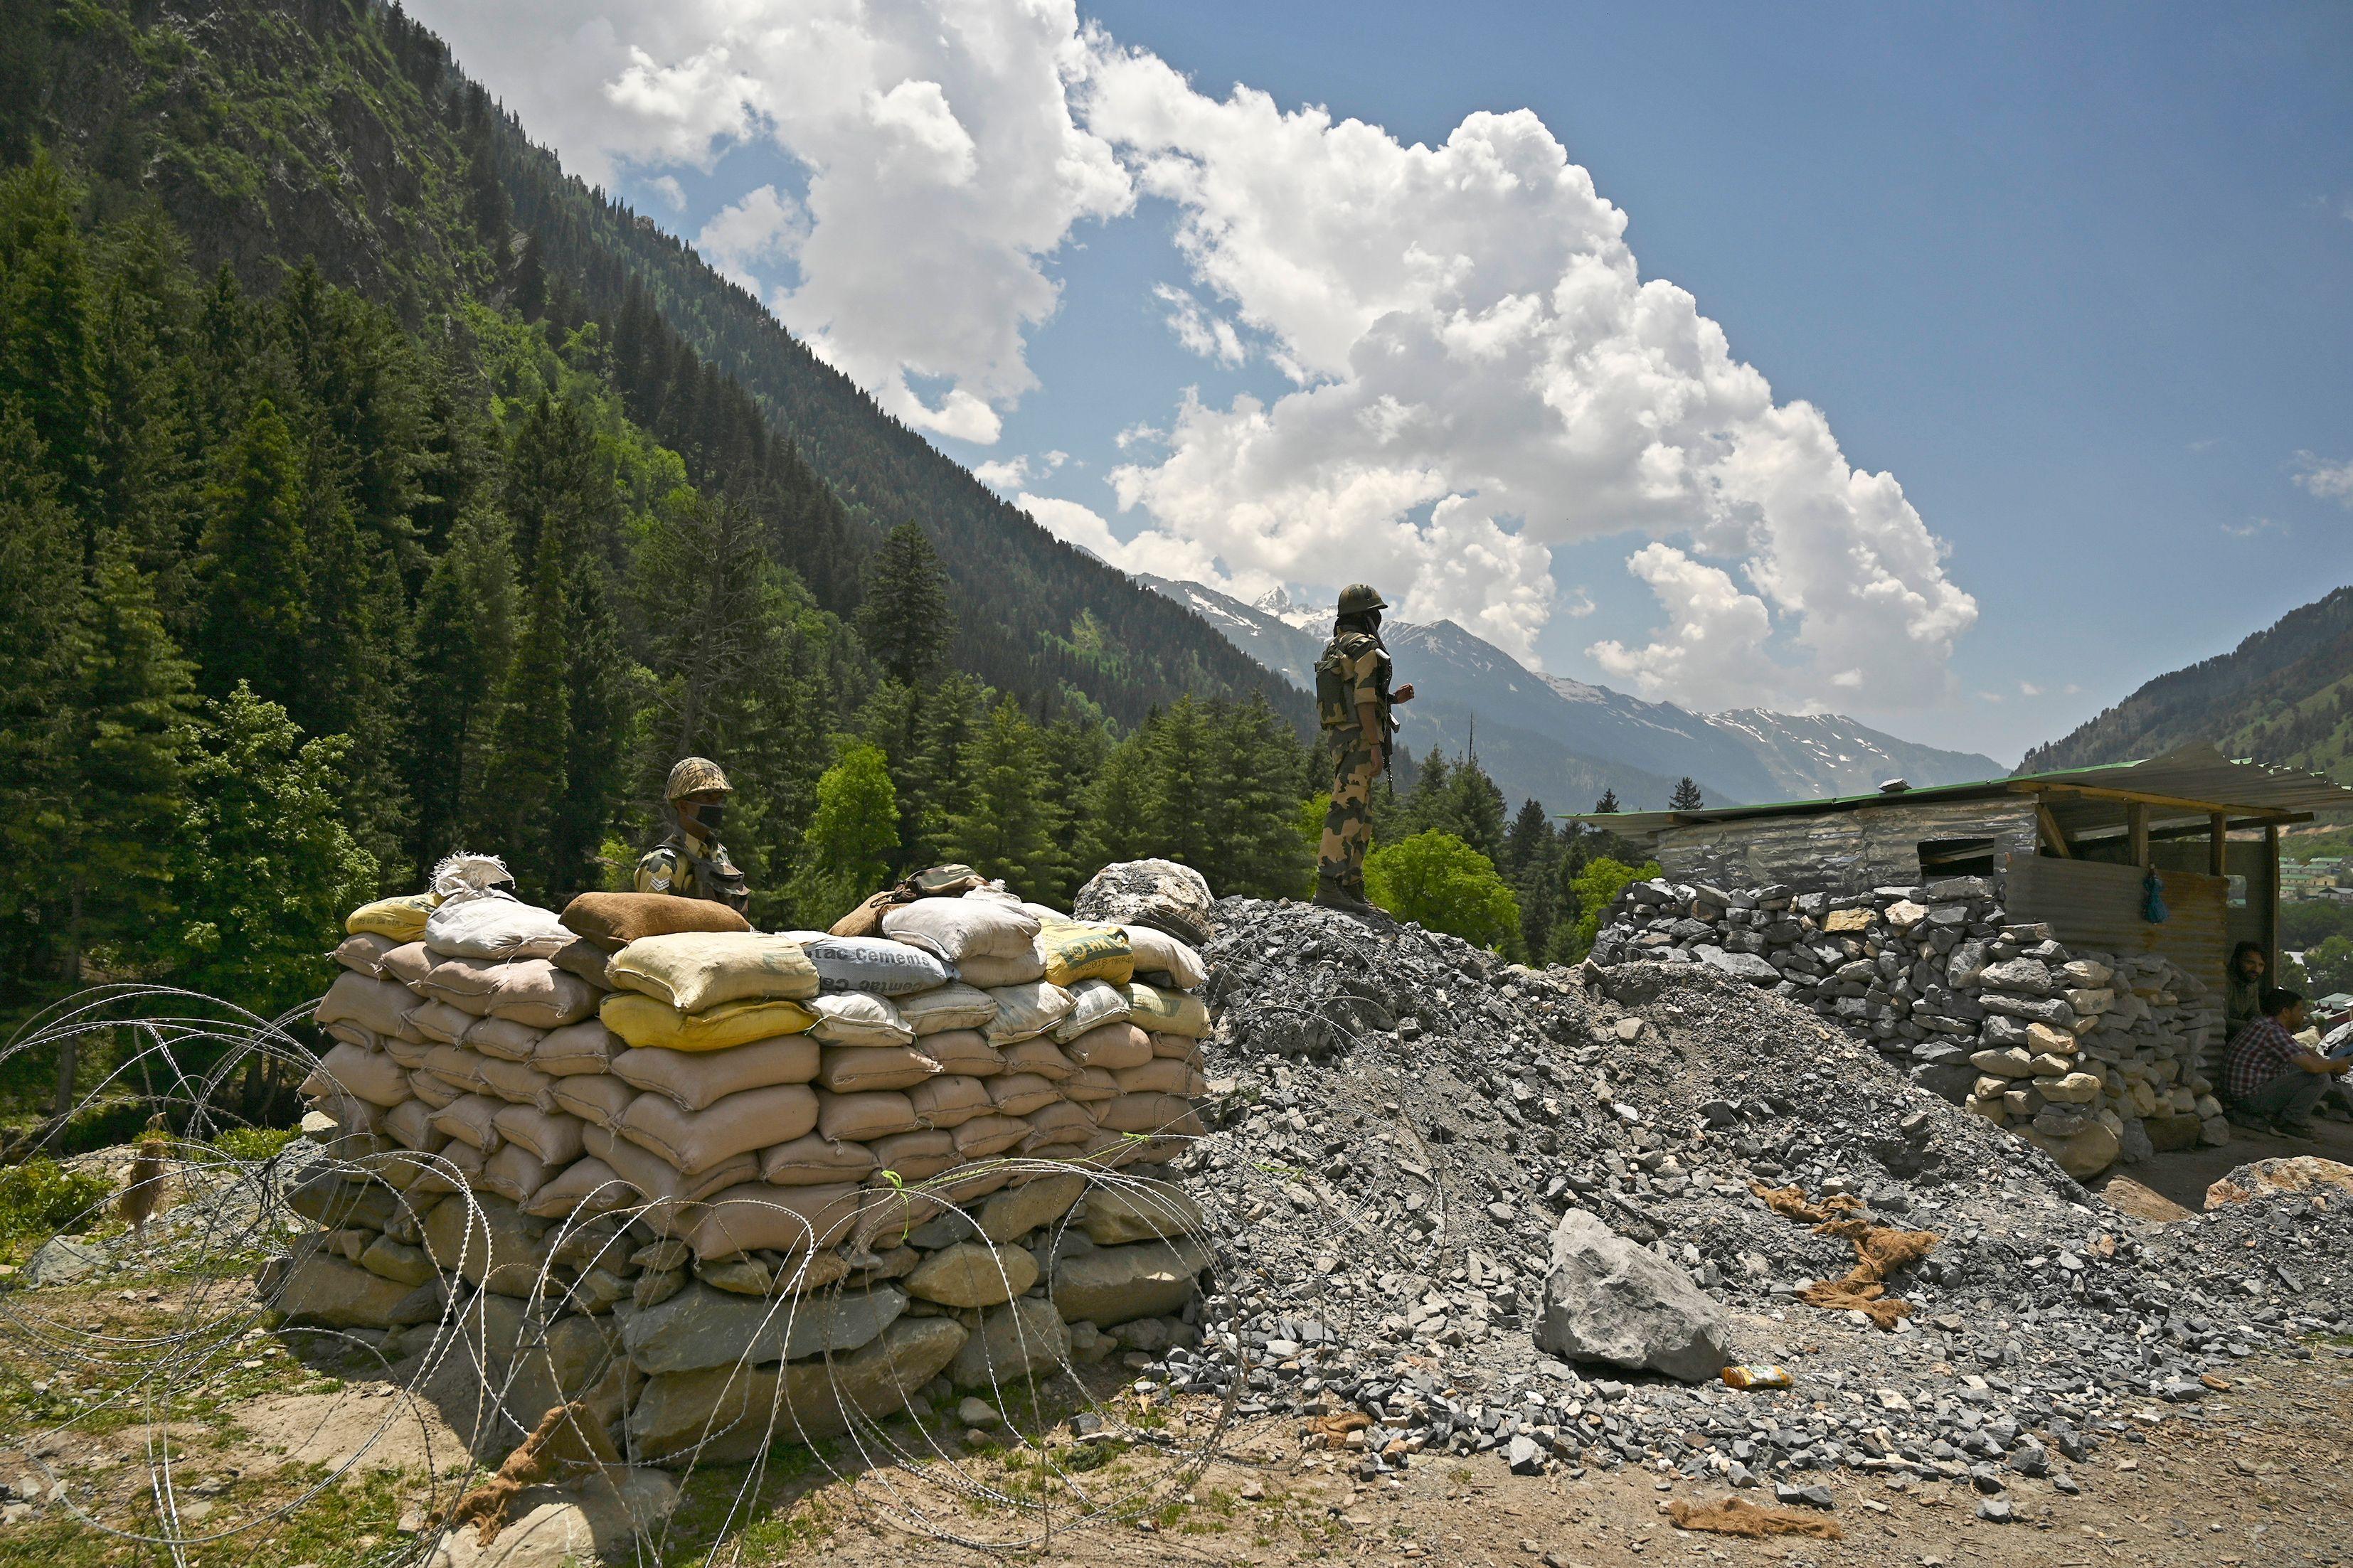 中印邊境衝突不止 傳印軍連長遭共軍槍殺